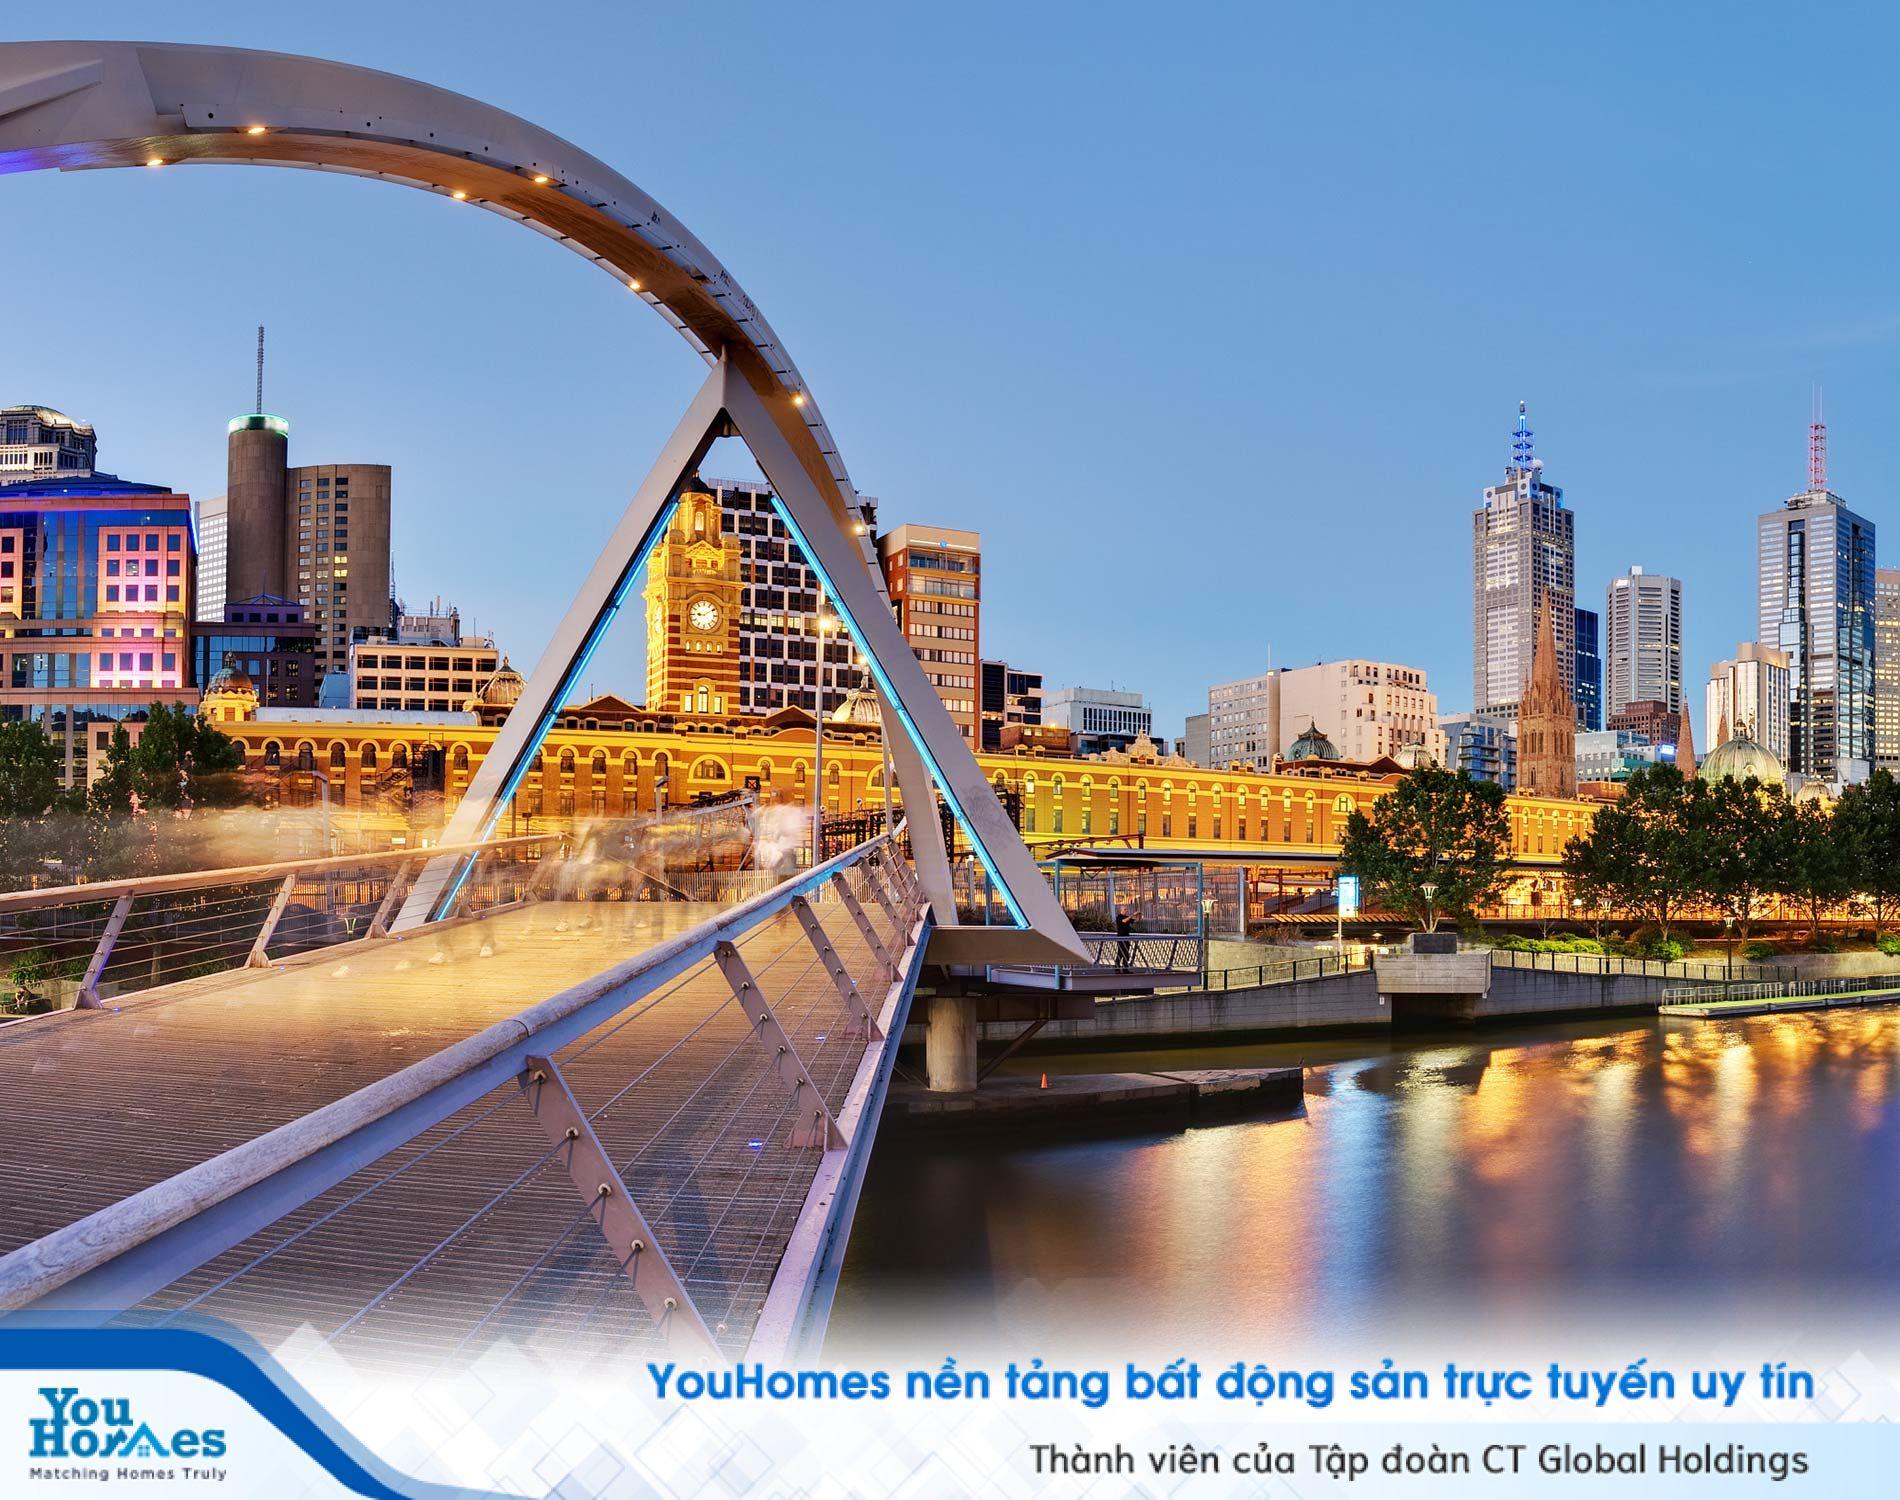 Melbourne - thị trường BĐS được kì vọng nhất Châu Á Thái Bình Dương